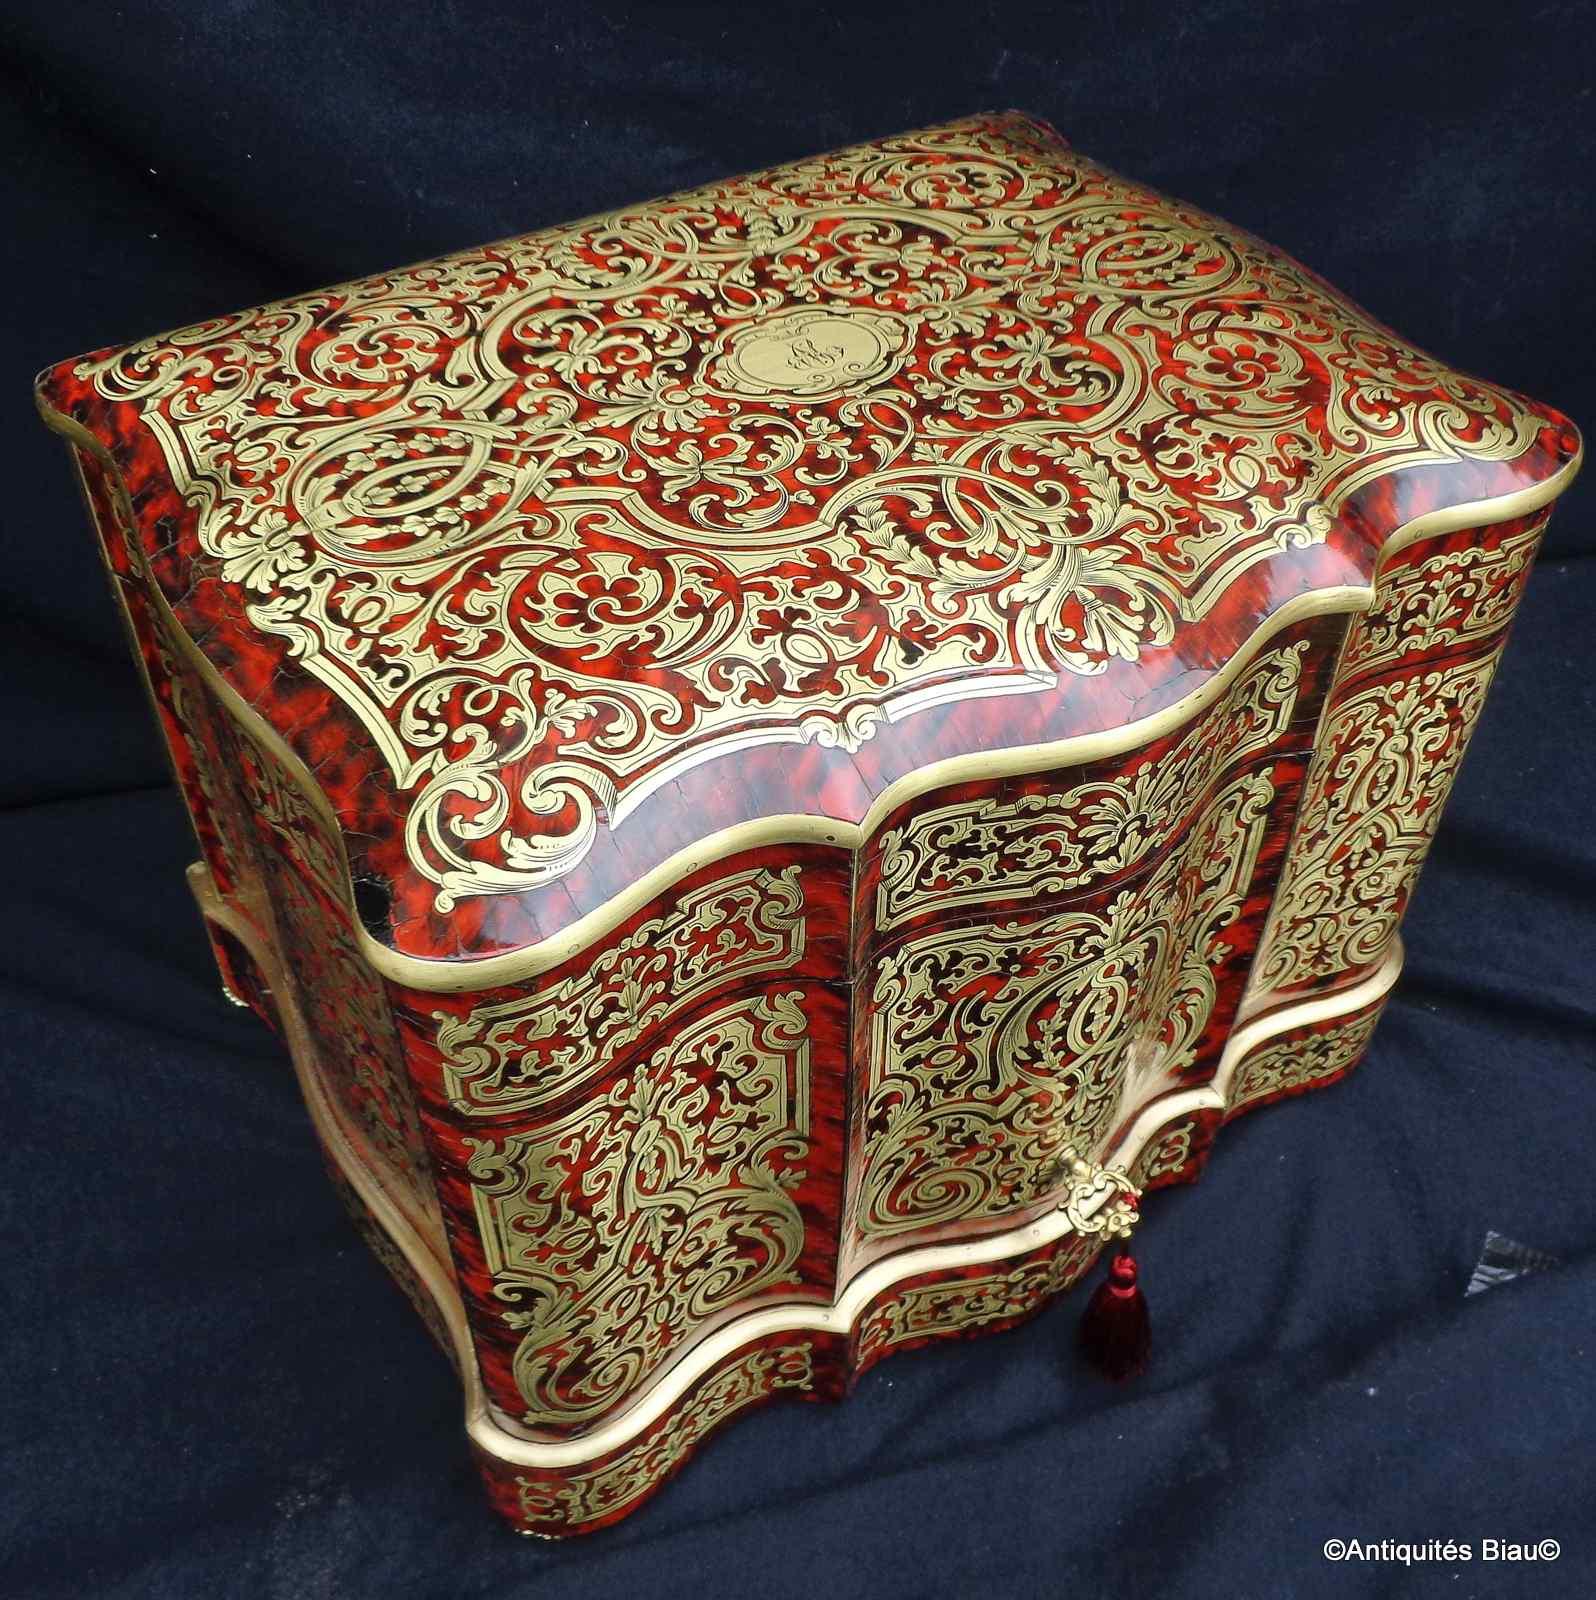 Тантал-ящик в булле Маркетри Наполеон III период 19-го века